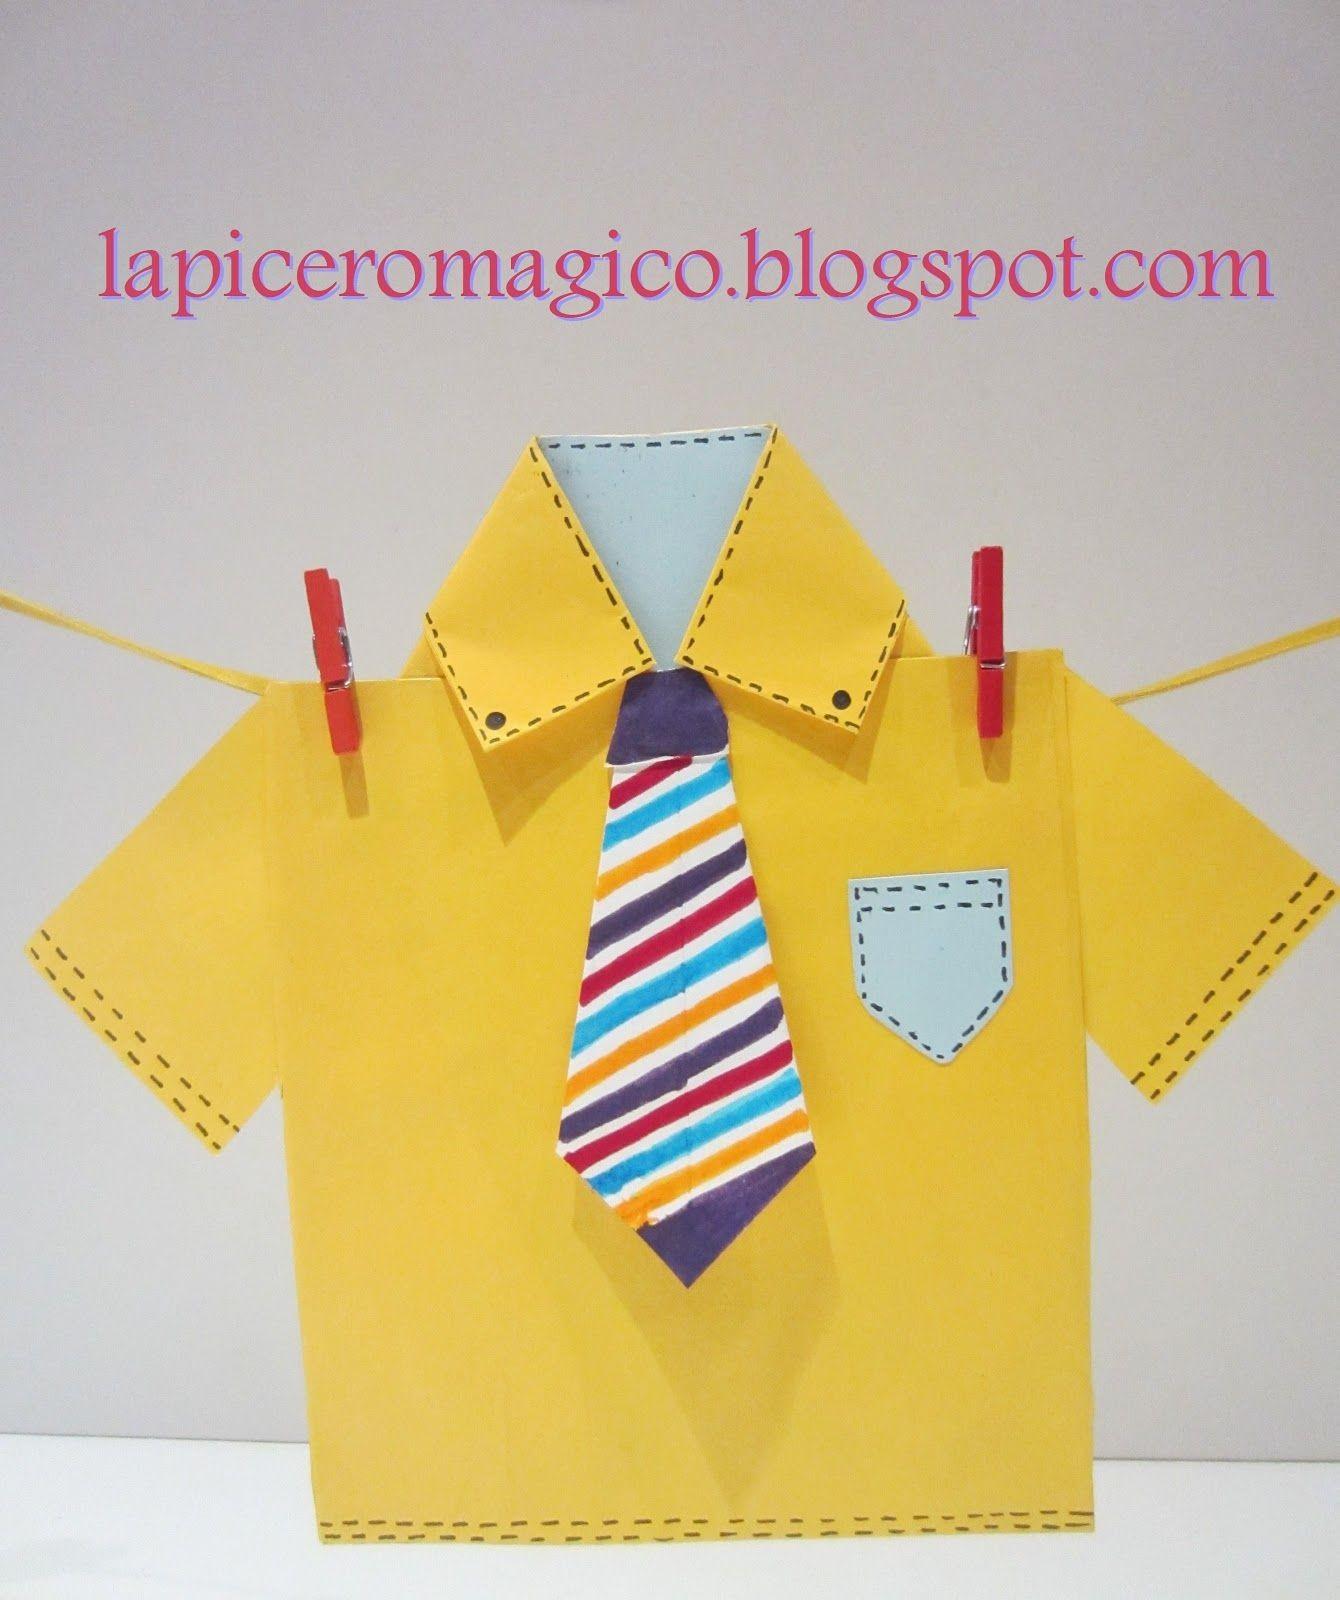 LAPICERO MGICO Tarjeta camisa